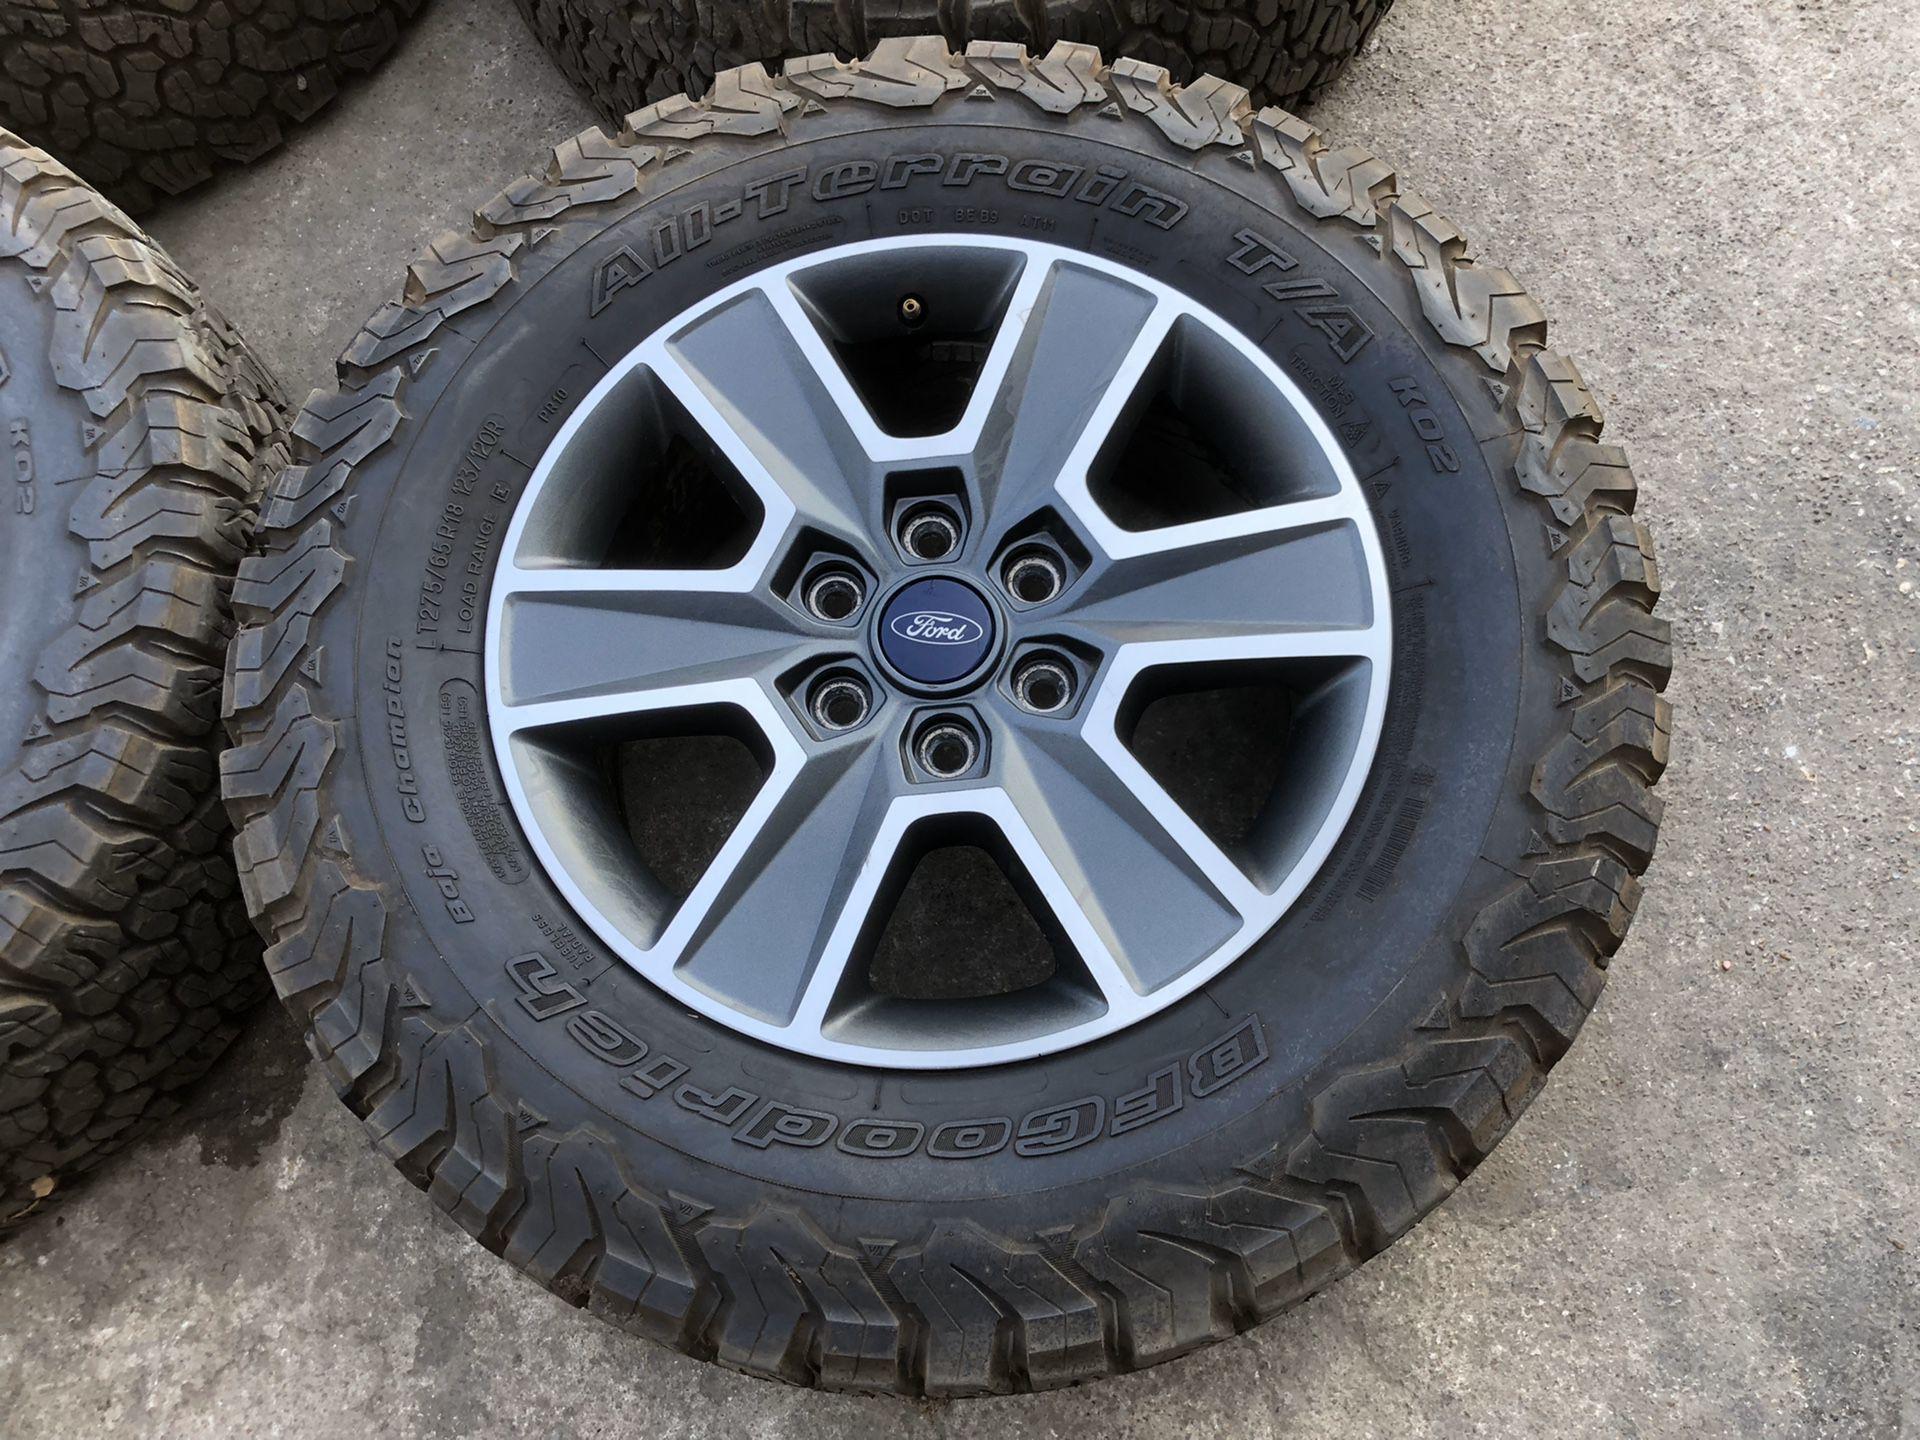 Ford Factory rims and BFG All Terrain KO2 Tires 6 Lug wheels 6x135 Bolt pattern BFGoodrich Ko 2 Rines y llantas 2017 F 150 Expedition 2016 F-150 rine